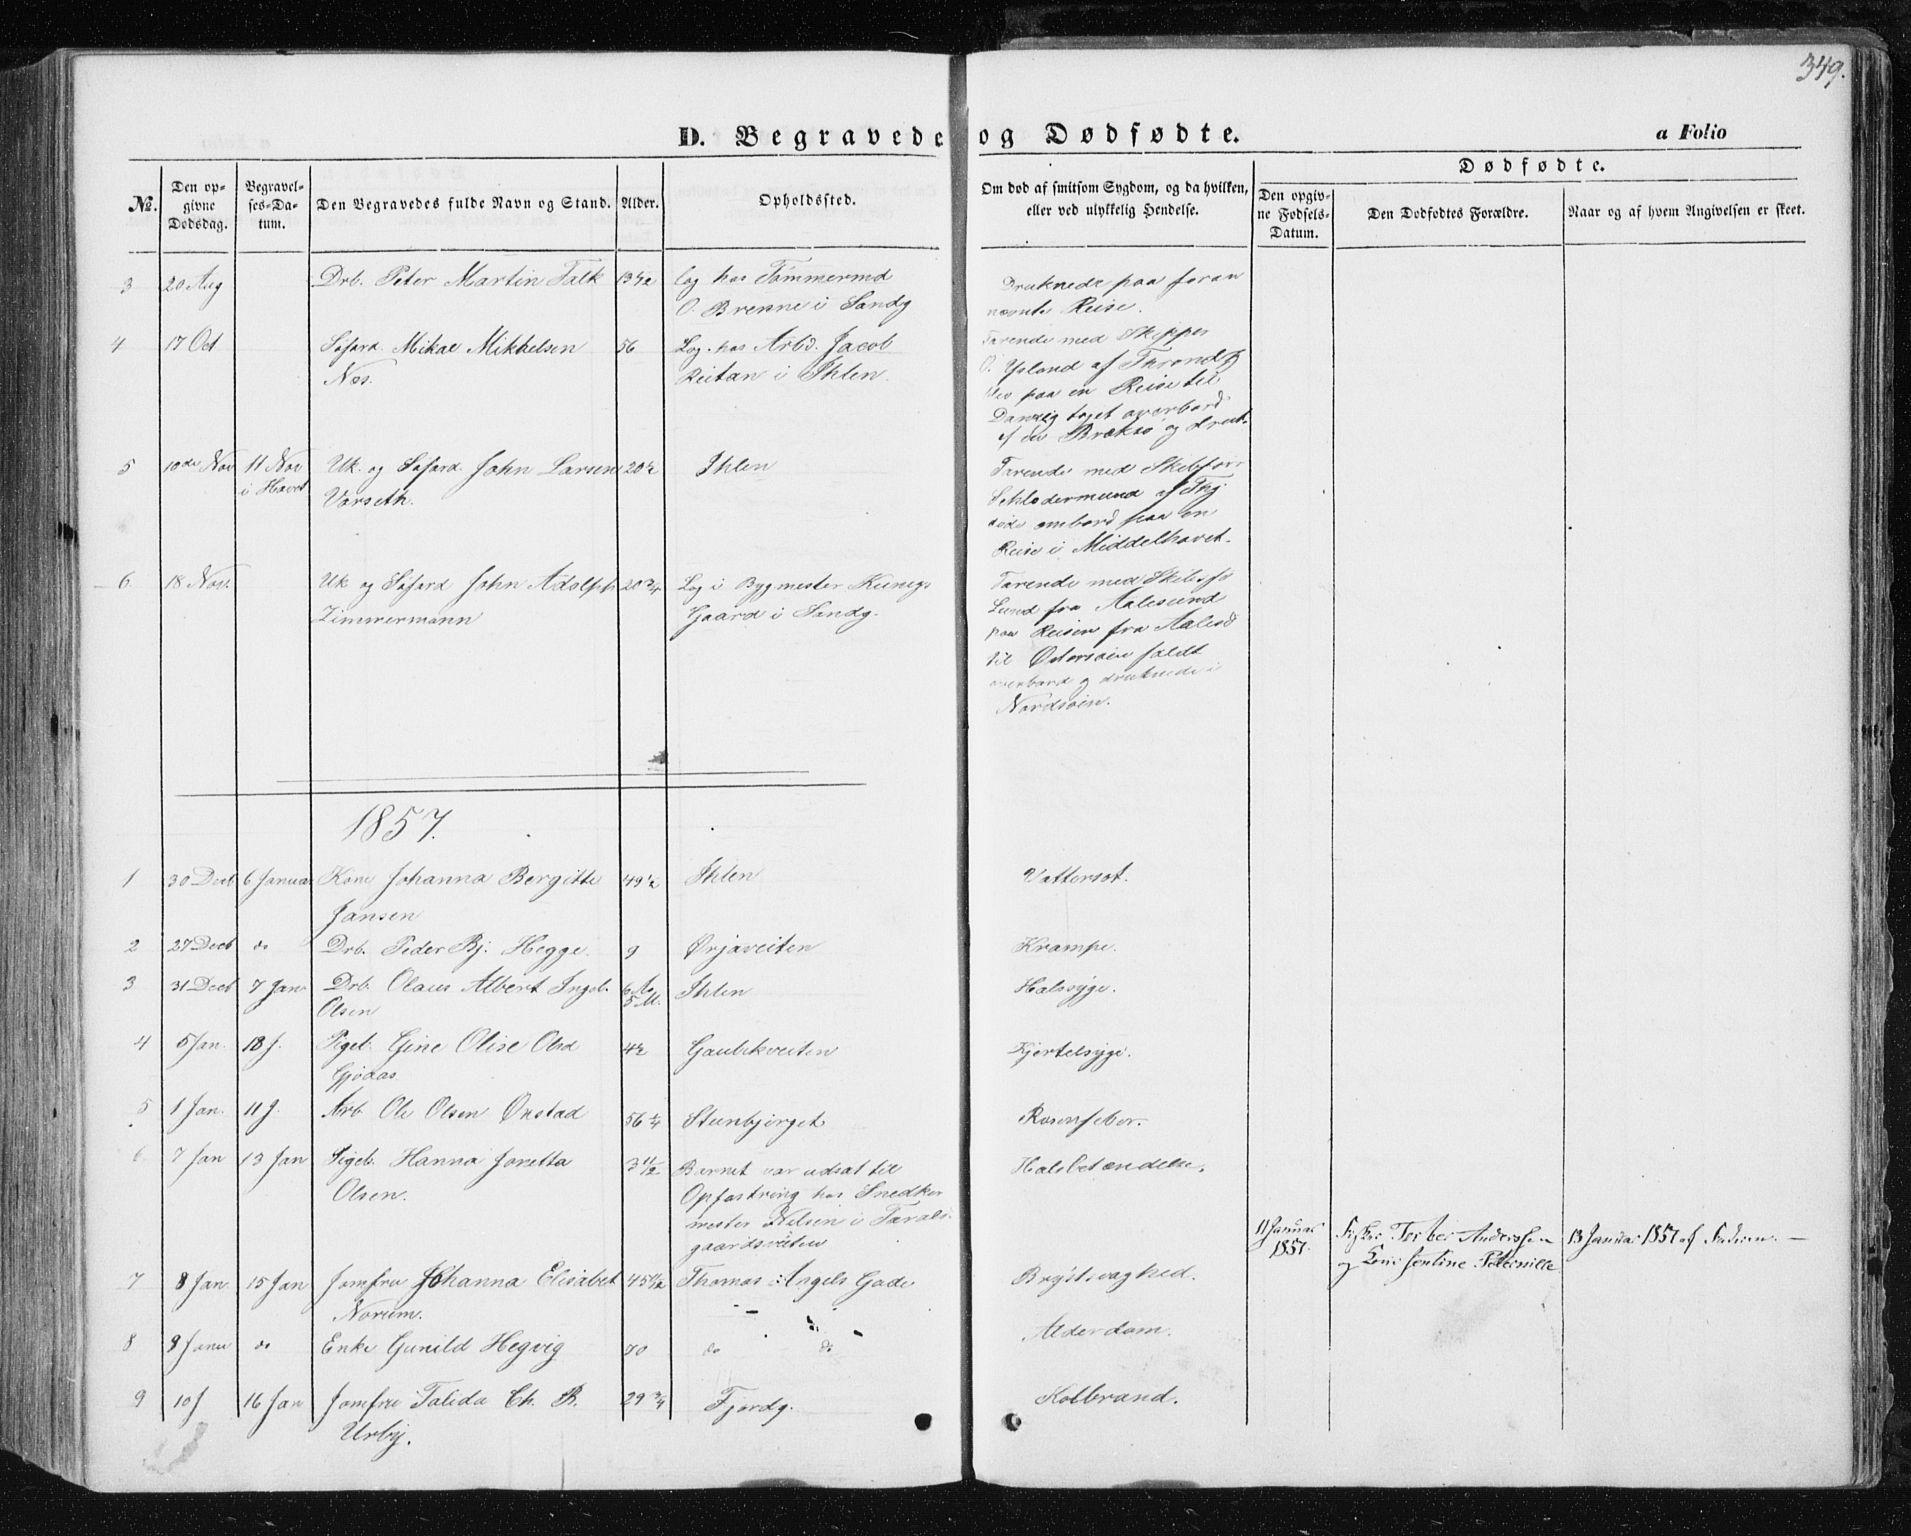 SAT, Ministerialprotokoller, klokkerbøker og fødselsregistre - Sør-Trøndelag, 602/L0112: Ministerialbok nr. 602A10, 1848-1859, s. 349